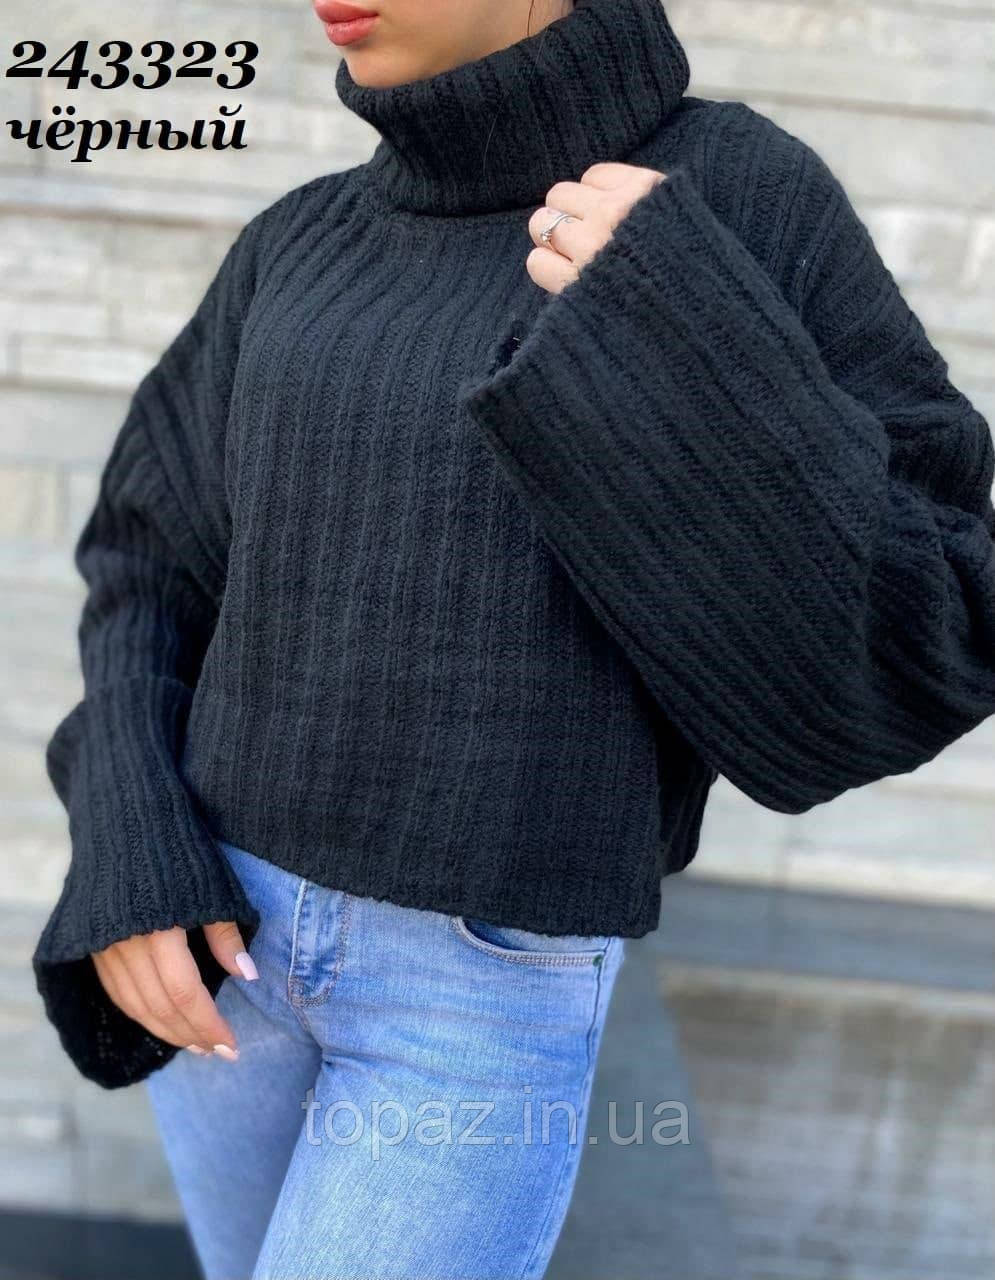 Стильный женский свитер KROP TOP